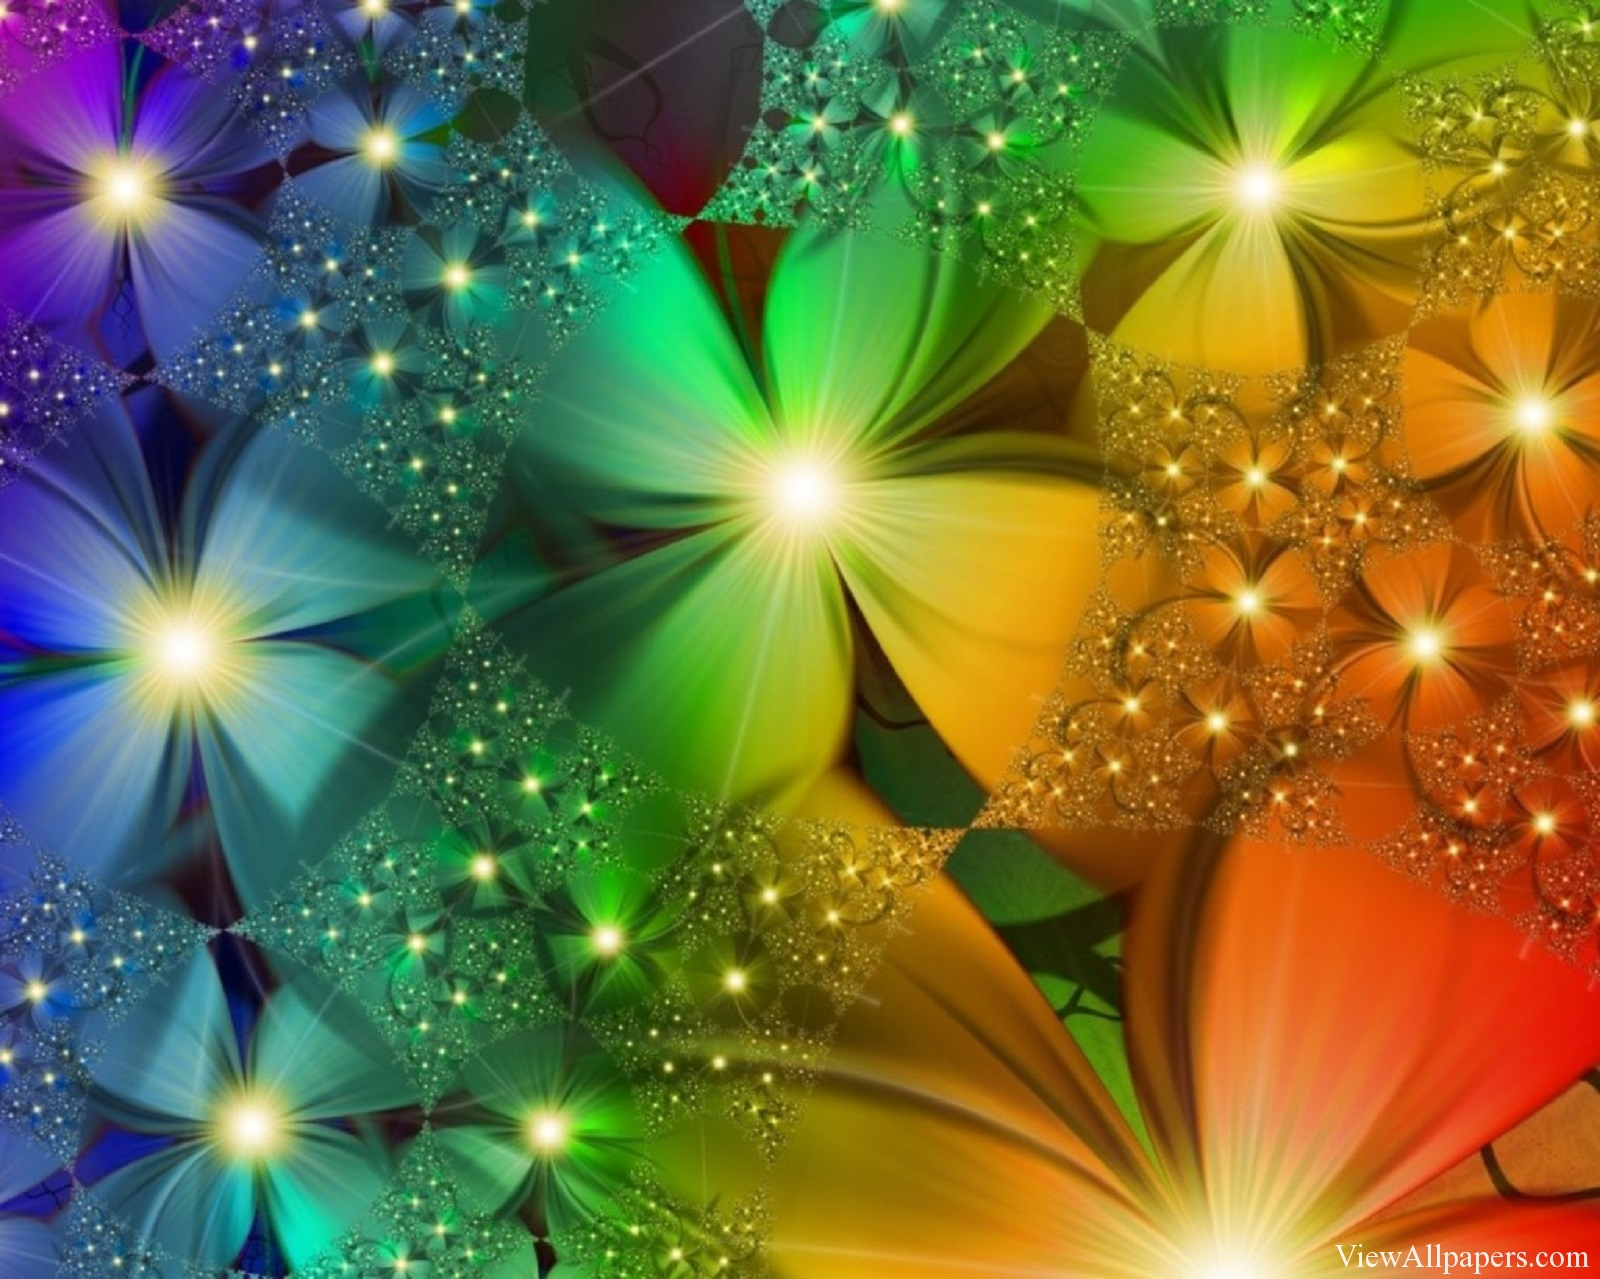 Free 3d Colorful Flowers Wallpaper Wallpapersafari